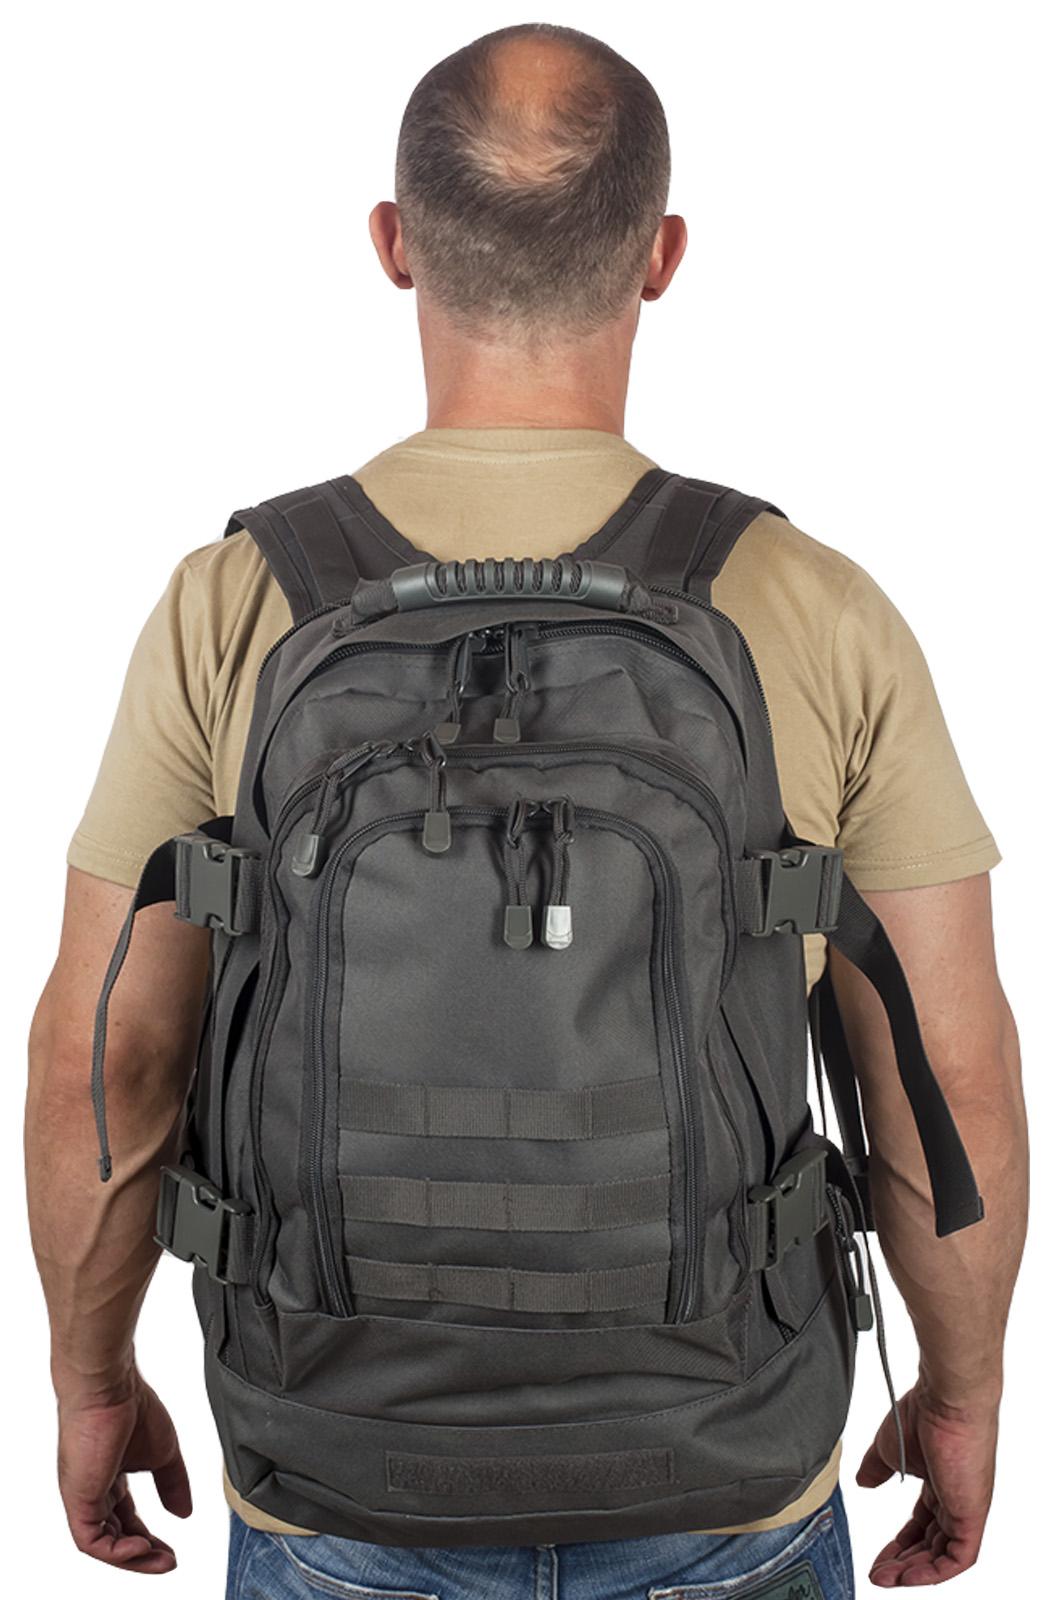 Купить универсальный рюкзак для города и полевых выходов 3-Day Expandable Backpack 08002A Dark Grey